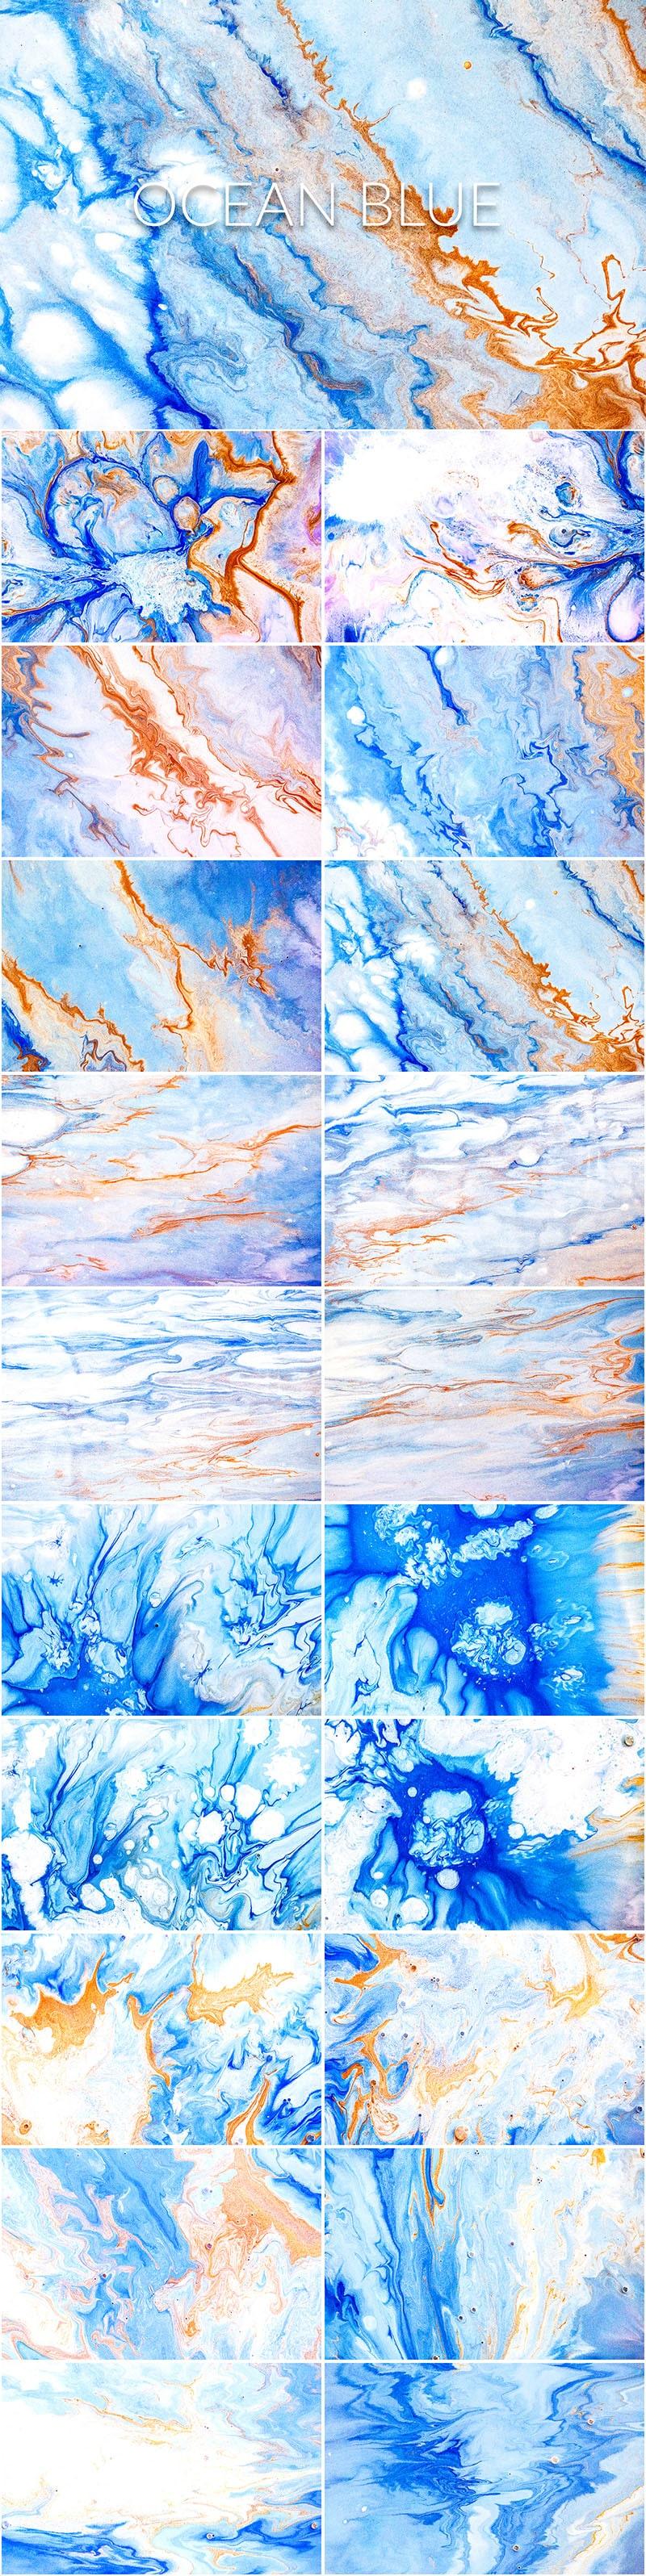 750+ Best Liquid Paint Backgrounds in 2020 - Liquid Paint Ocean Blue PREVIEW min